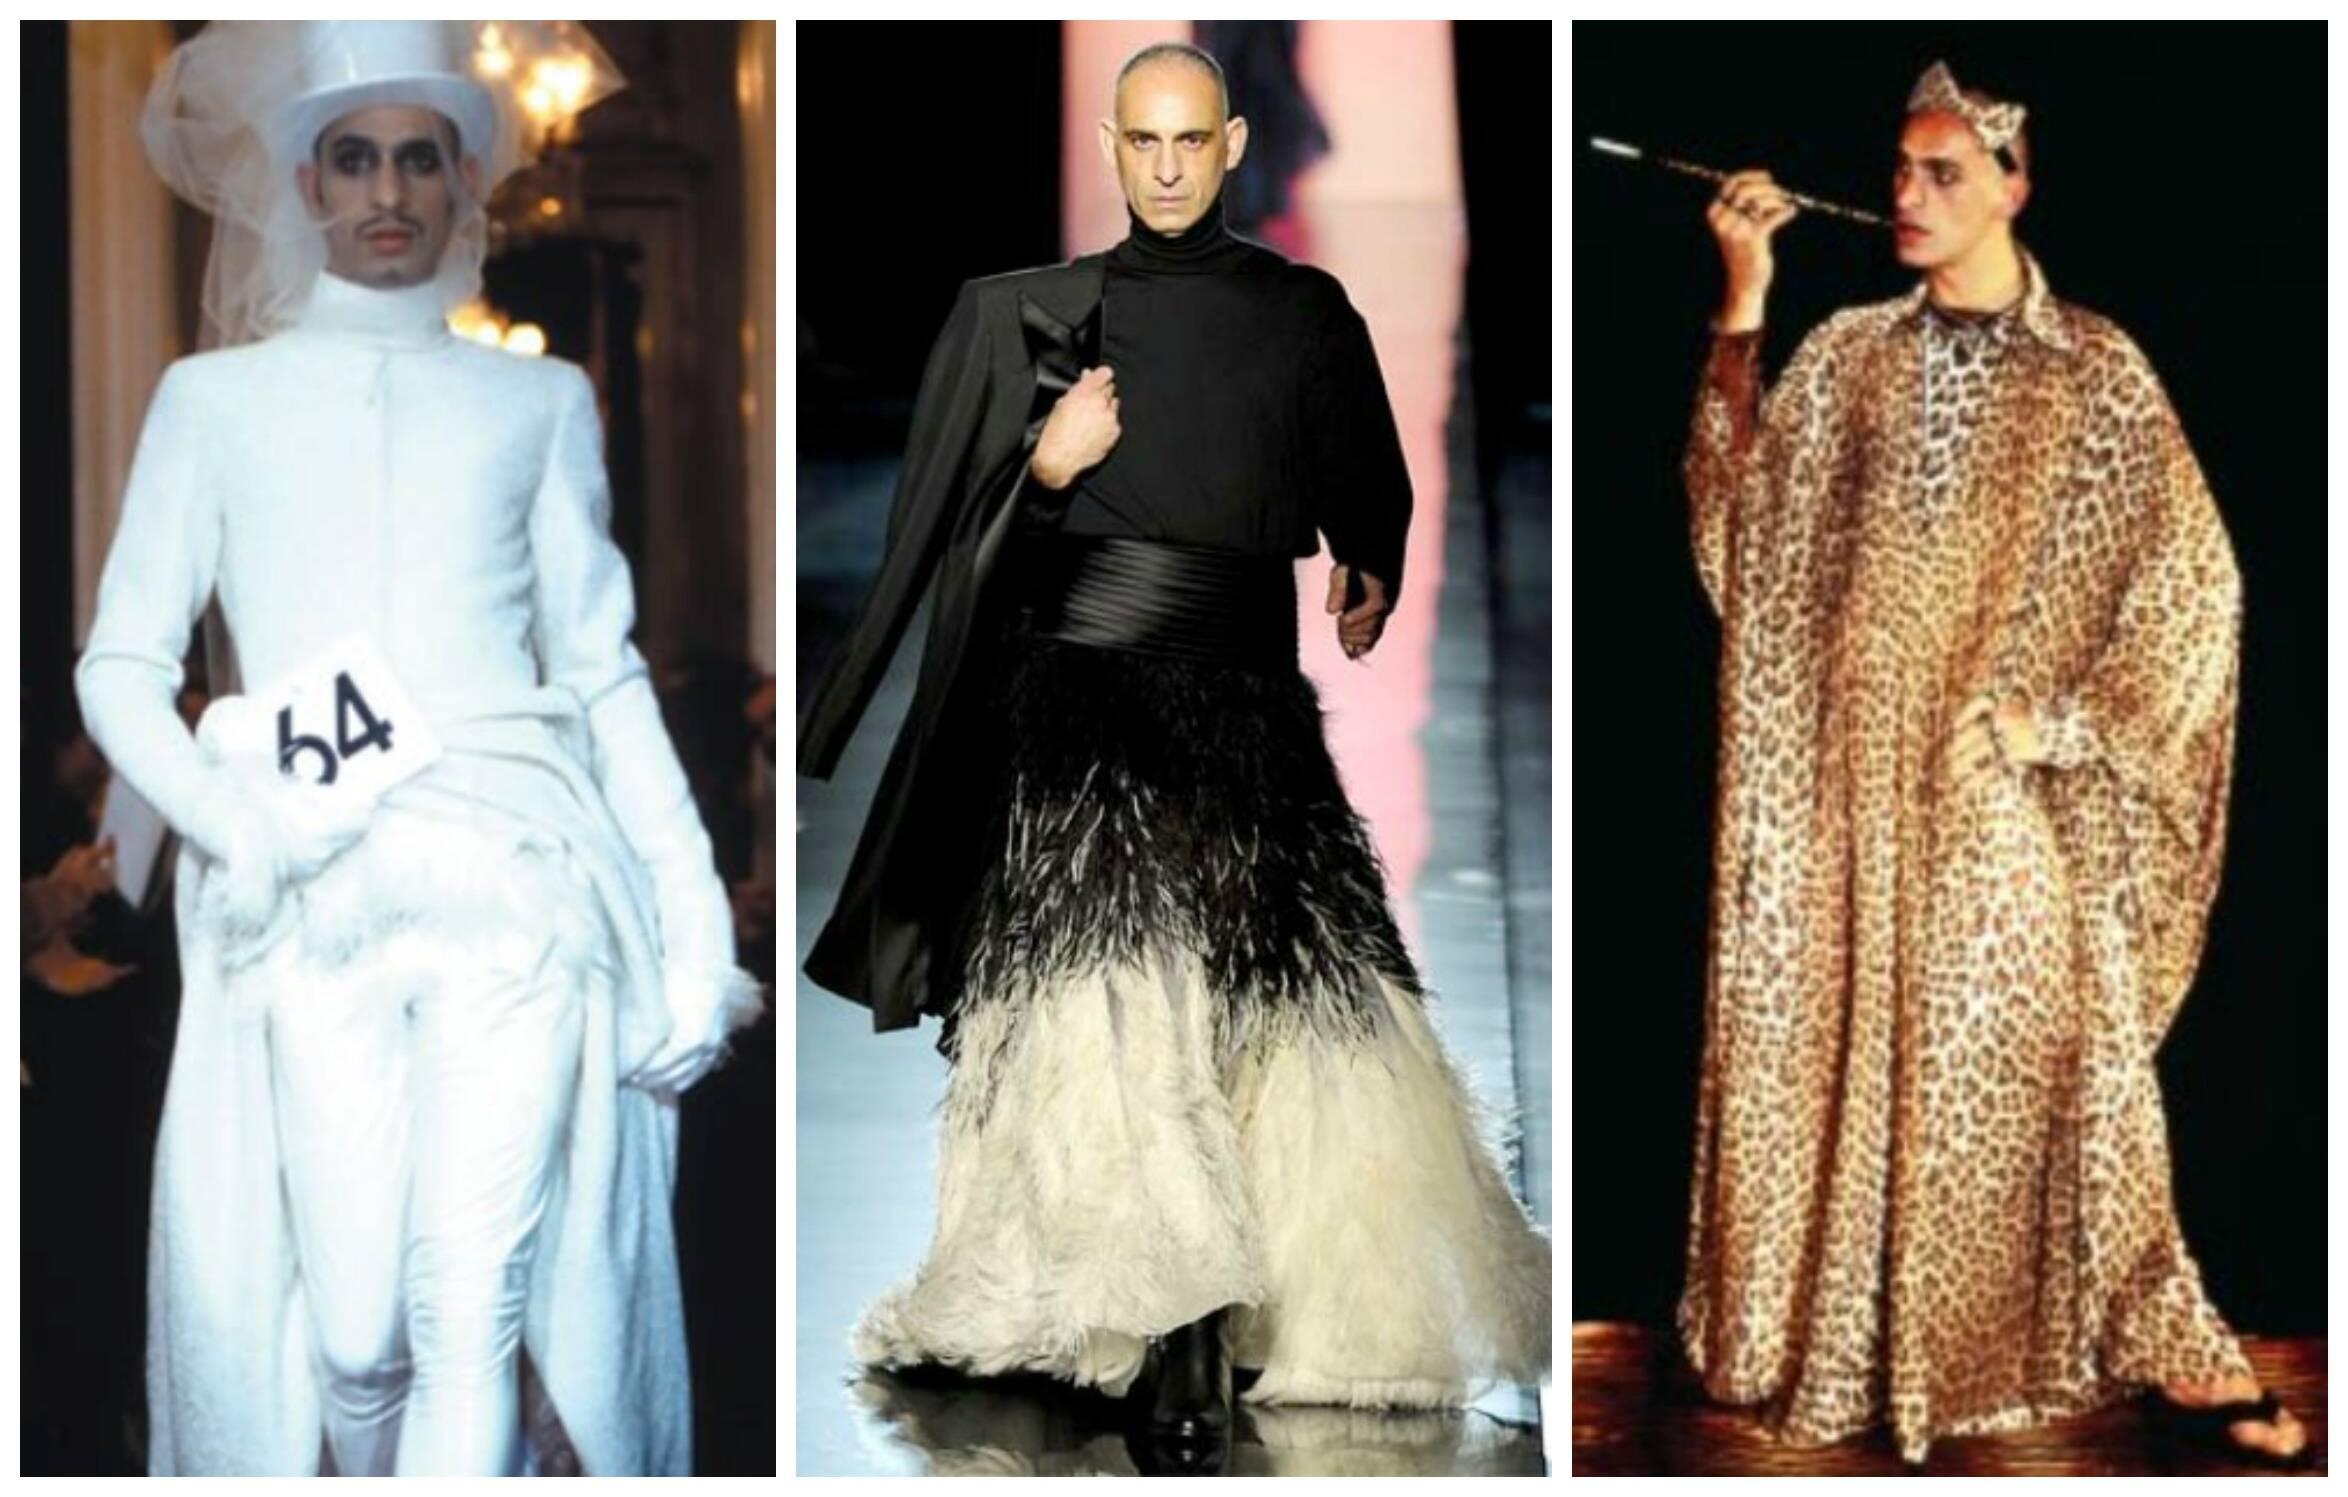 O modelo Tanel em três momentos nas passarelas de Gaultier: no centro, ele está com um vestido de noiva/ Fotos: reprodução da internet